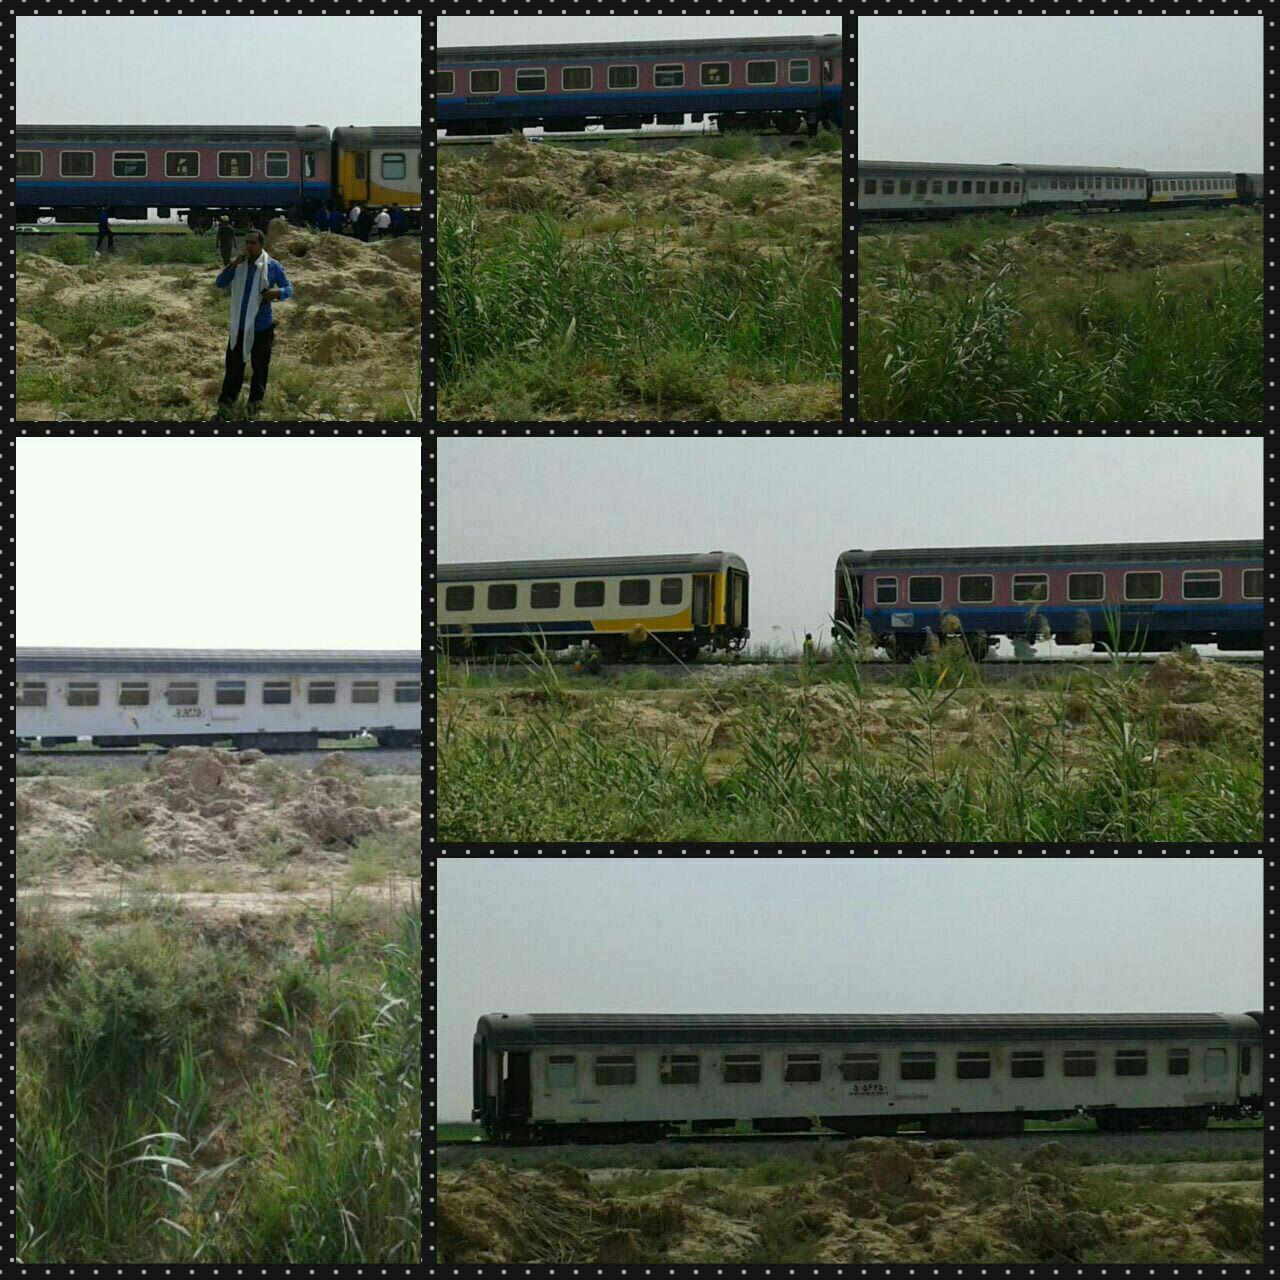 جزئیات خروج قطار مسافربری خرمشهر-تهران از ریل